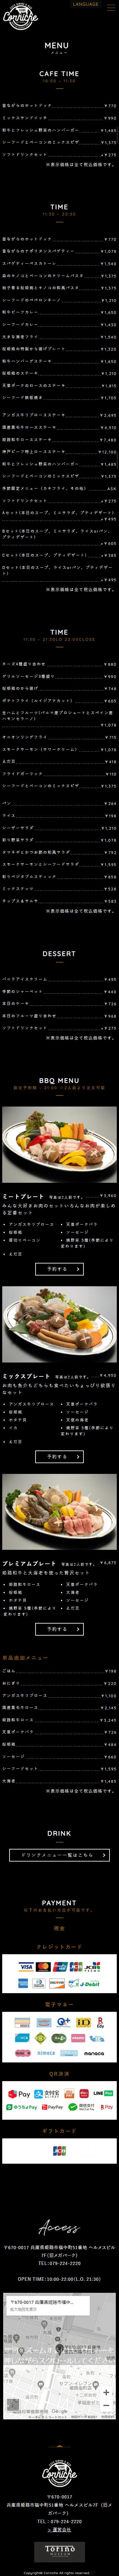 姫路市 カフェダイニング&バー コーニッシュ ホームページ制作4